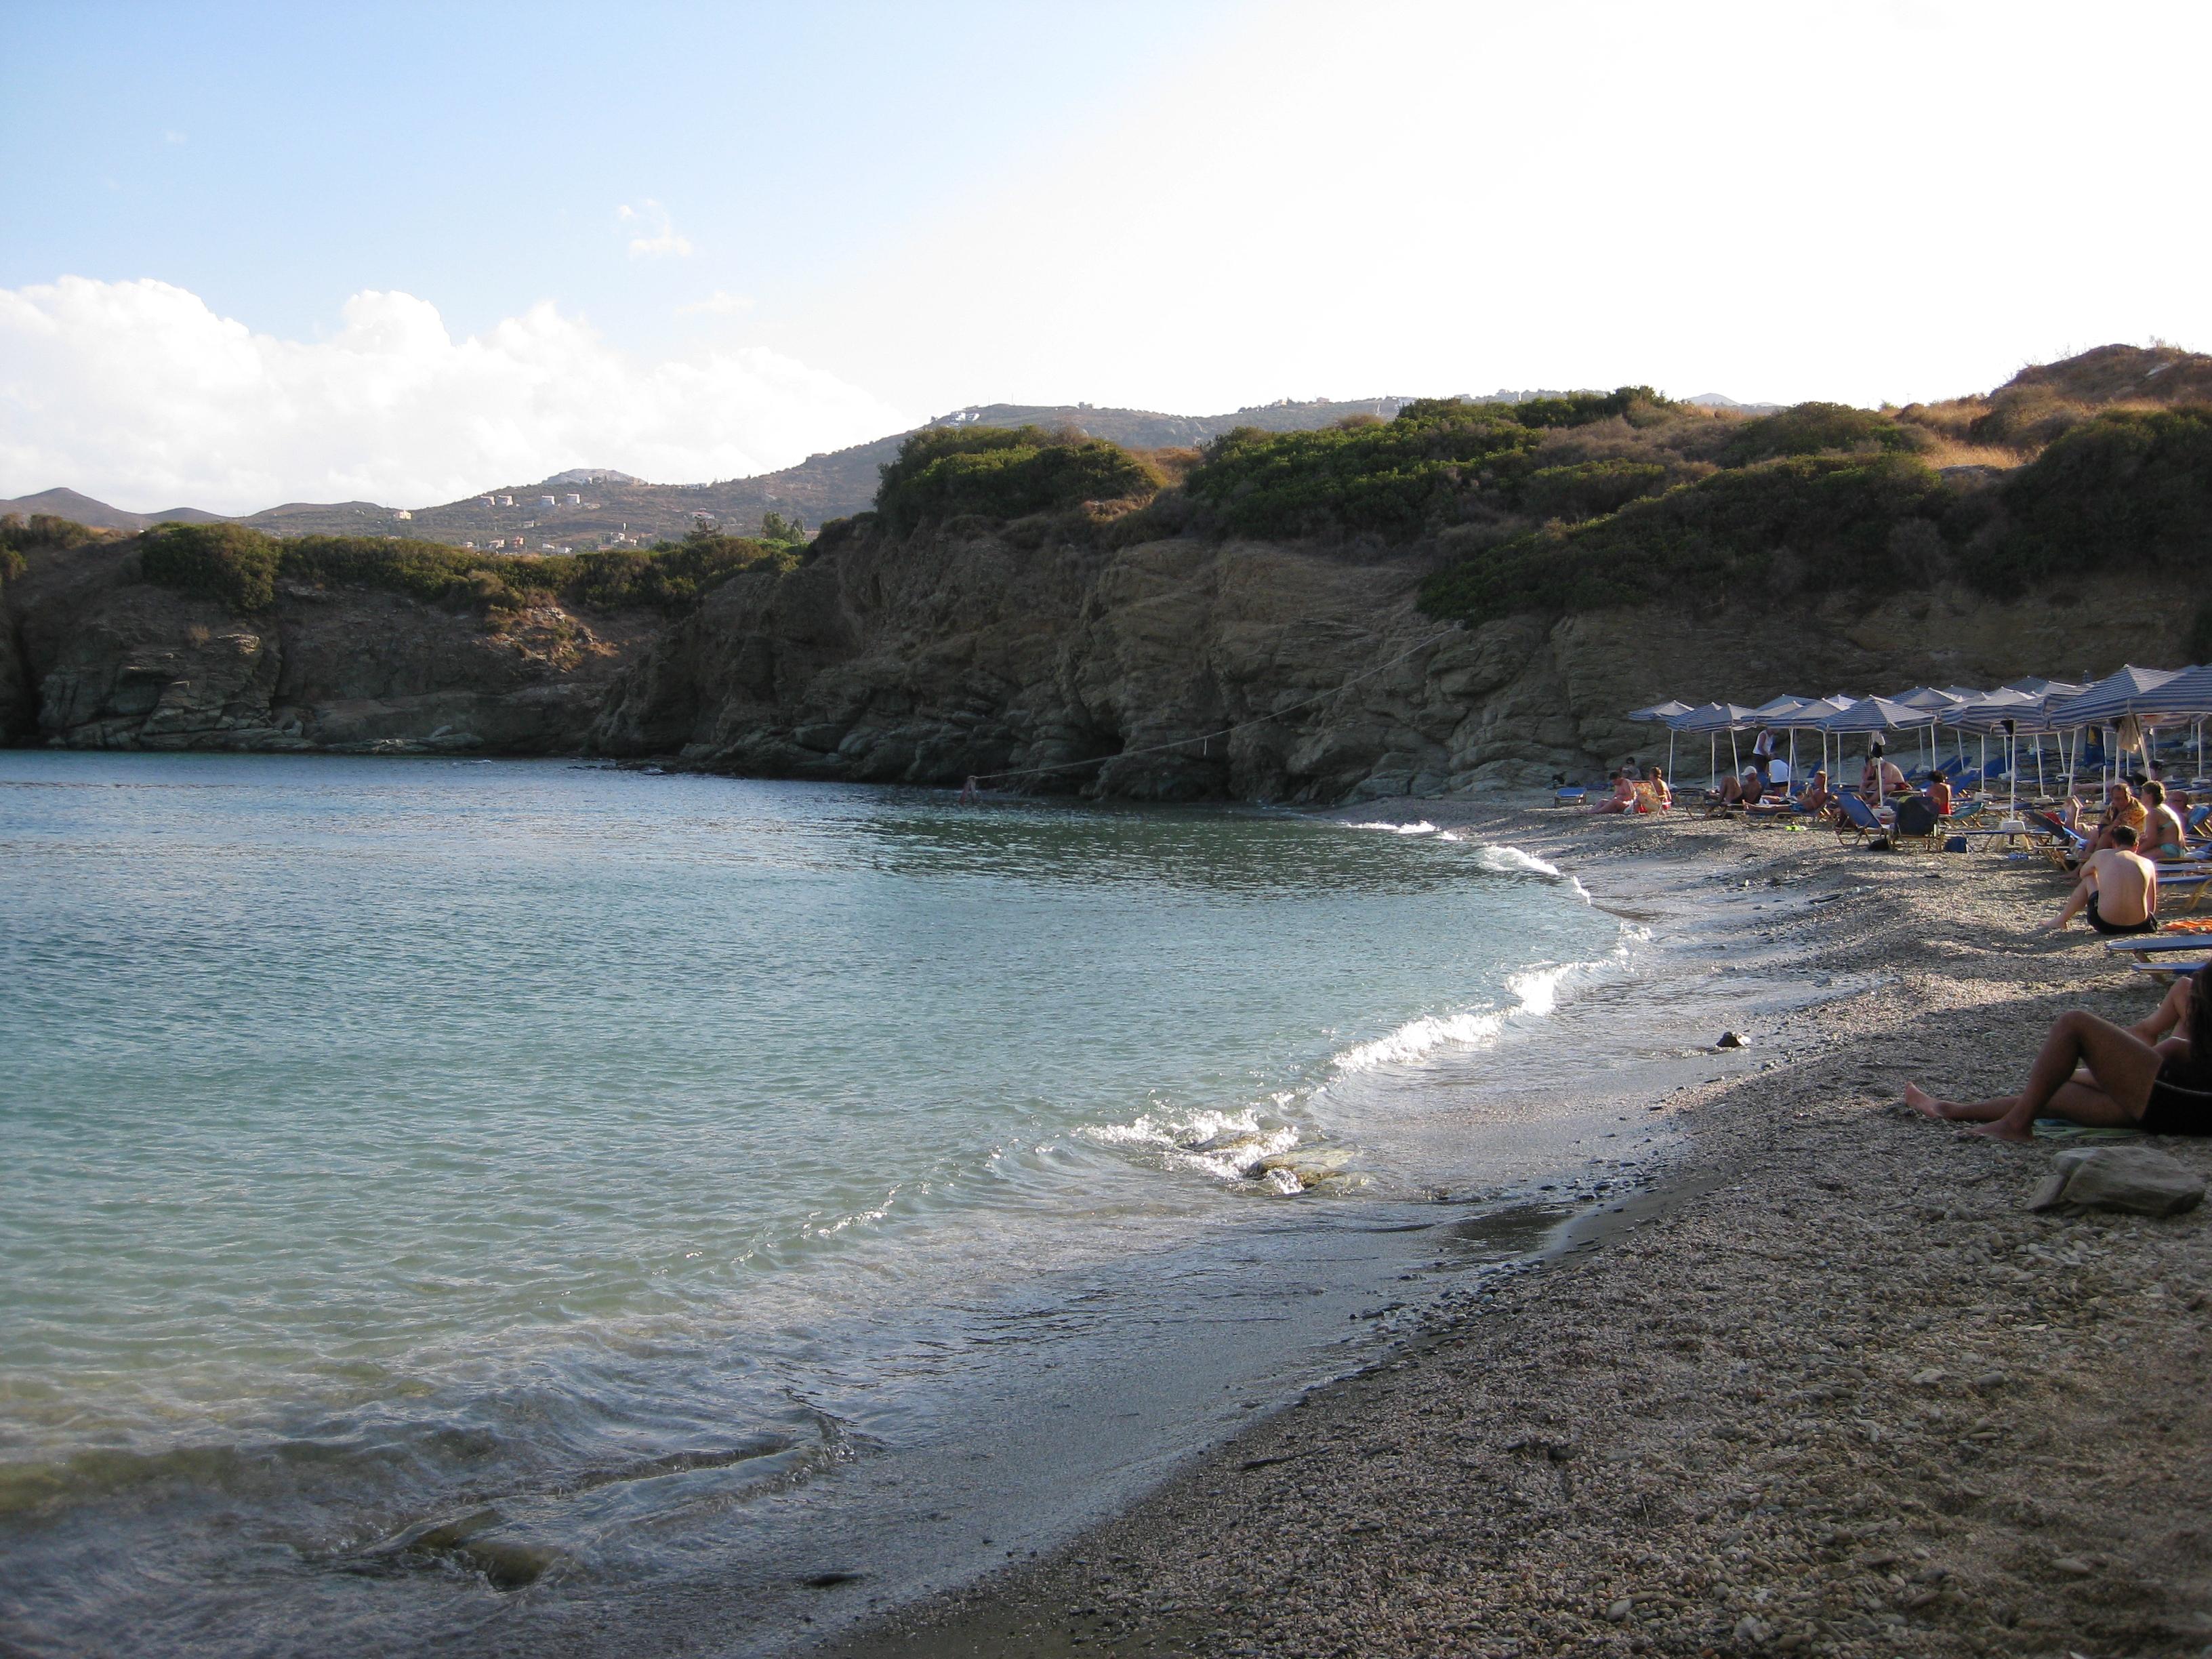 Пляж Мононафтис - остров Крит, Греция: фото, видео, расположение на карте